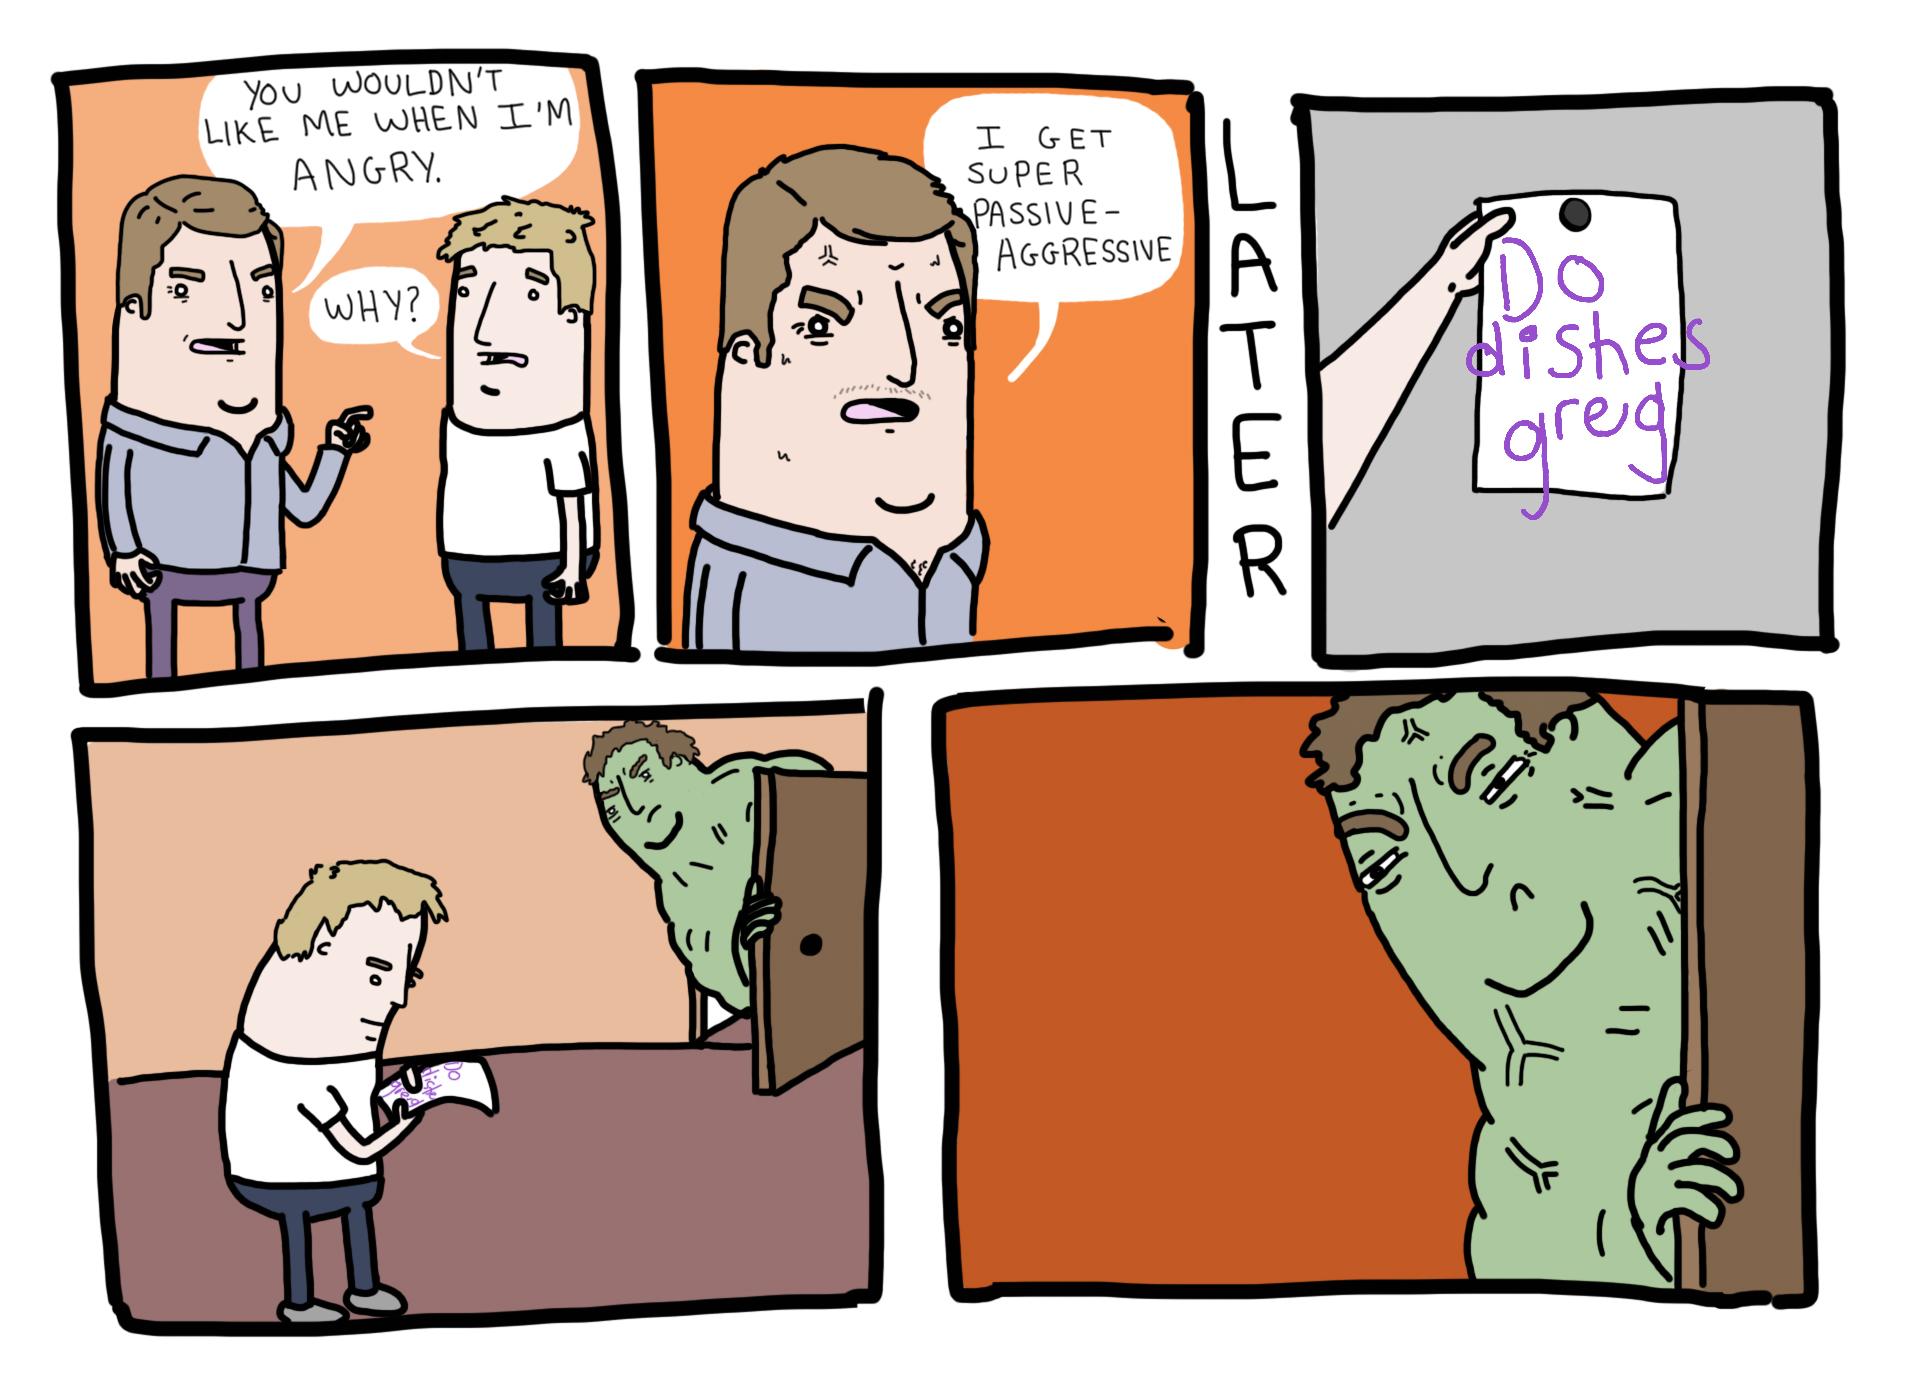 Passive Aggressive Hulk 2.jpg